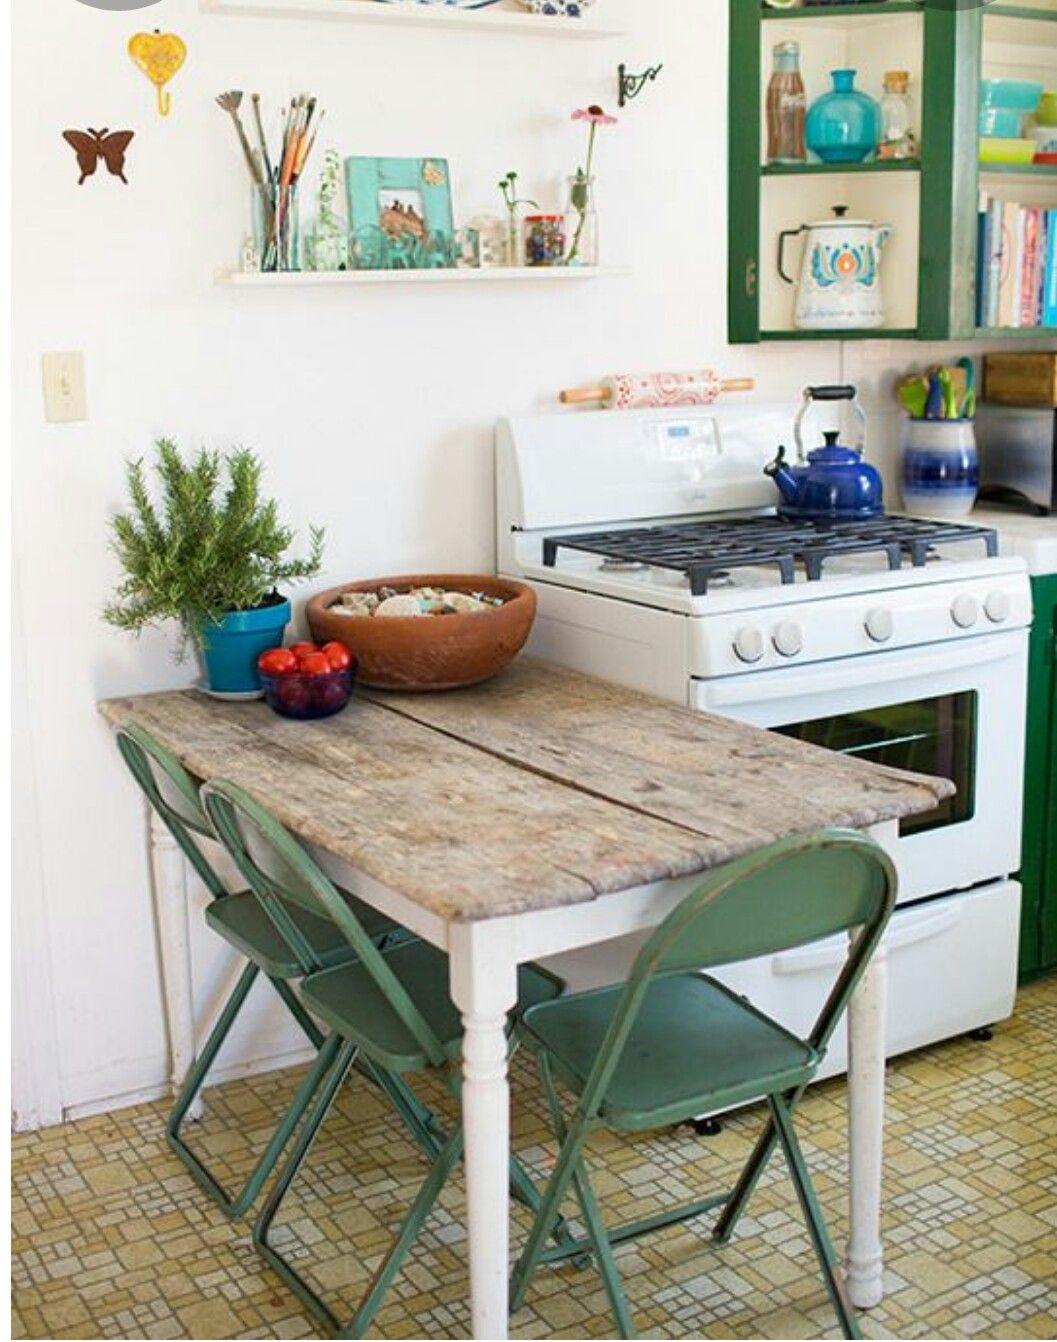 Cocina rustica | Proyecto conquista tu casa | Pinterest | Rusticas ...